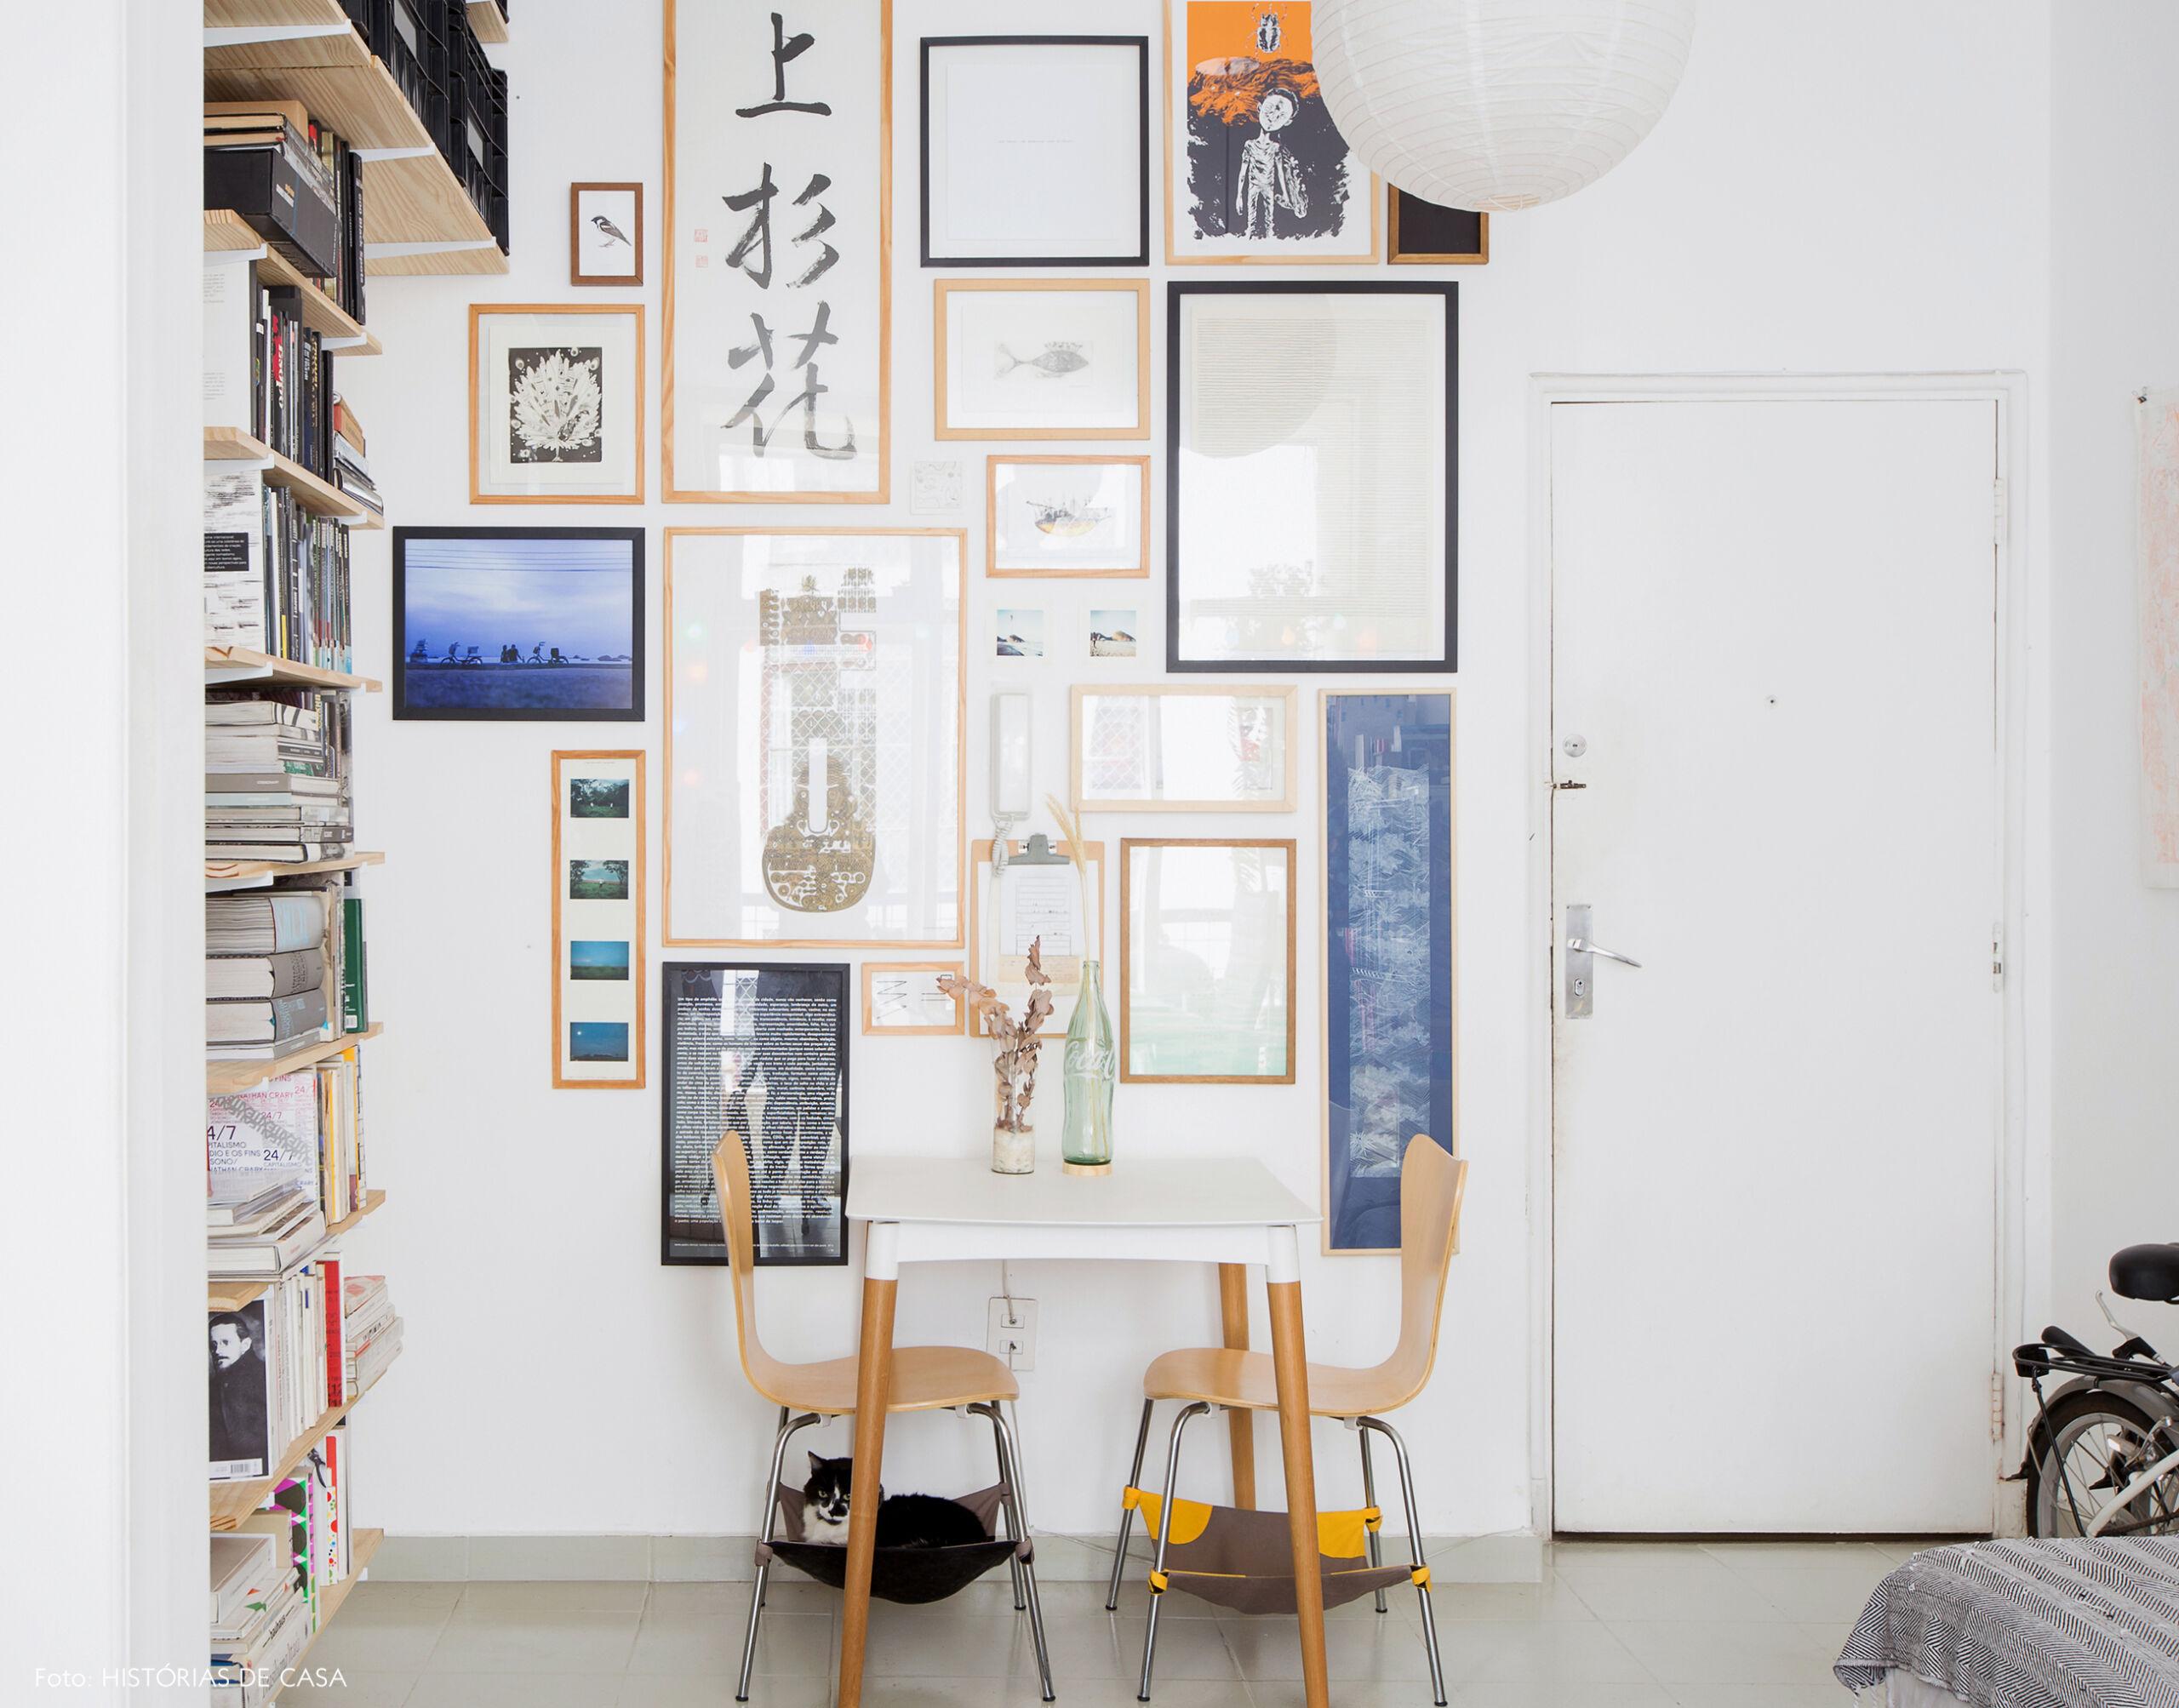 Apartamento pequeno com sala de jantar e parede de quadros